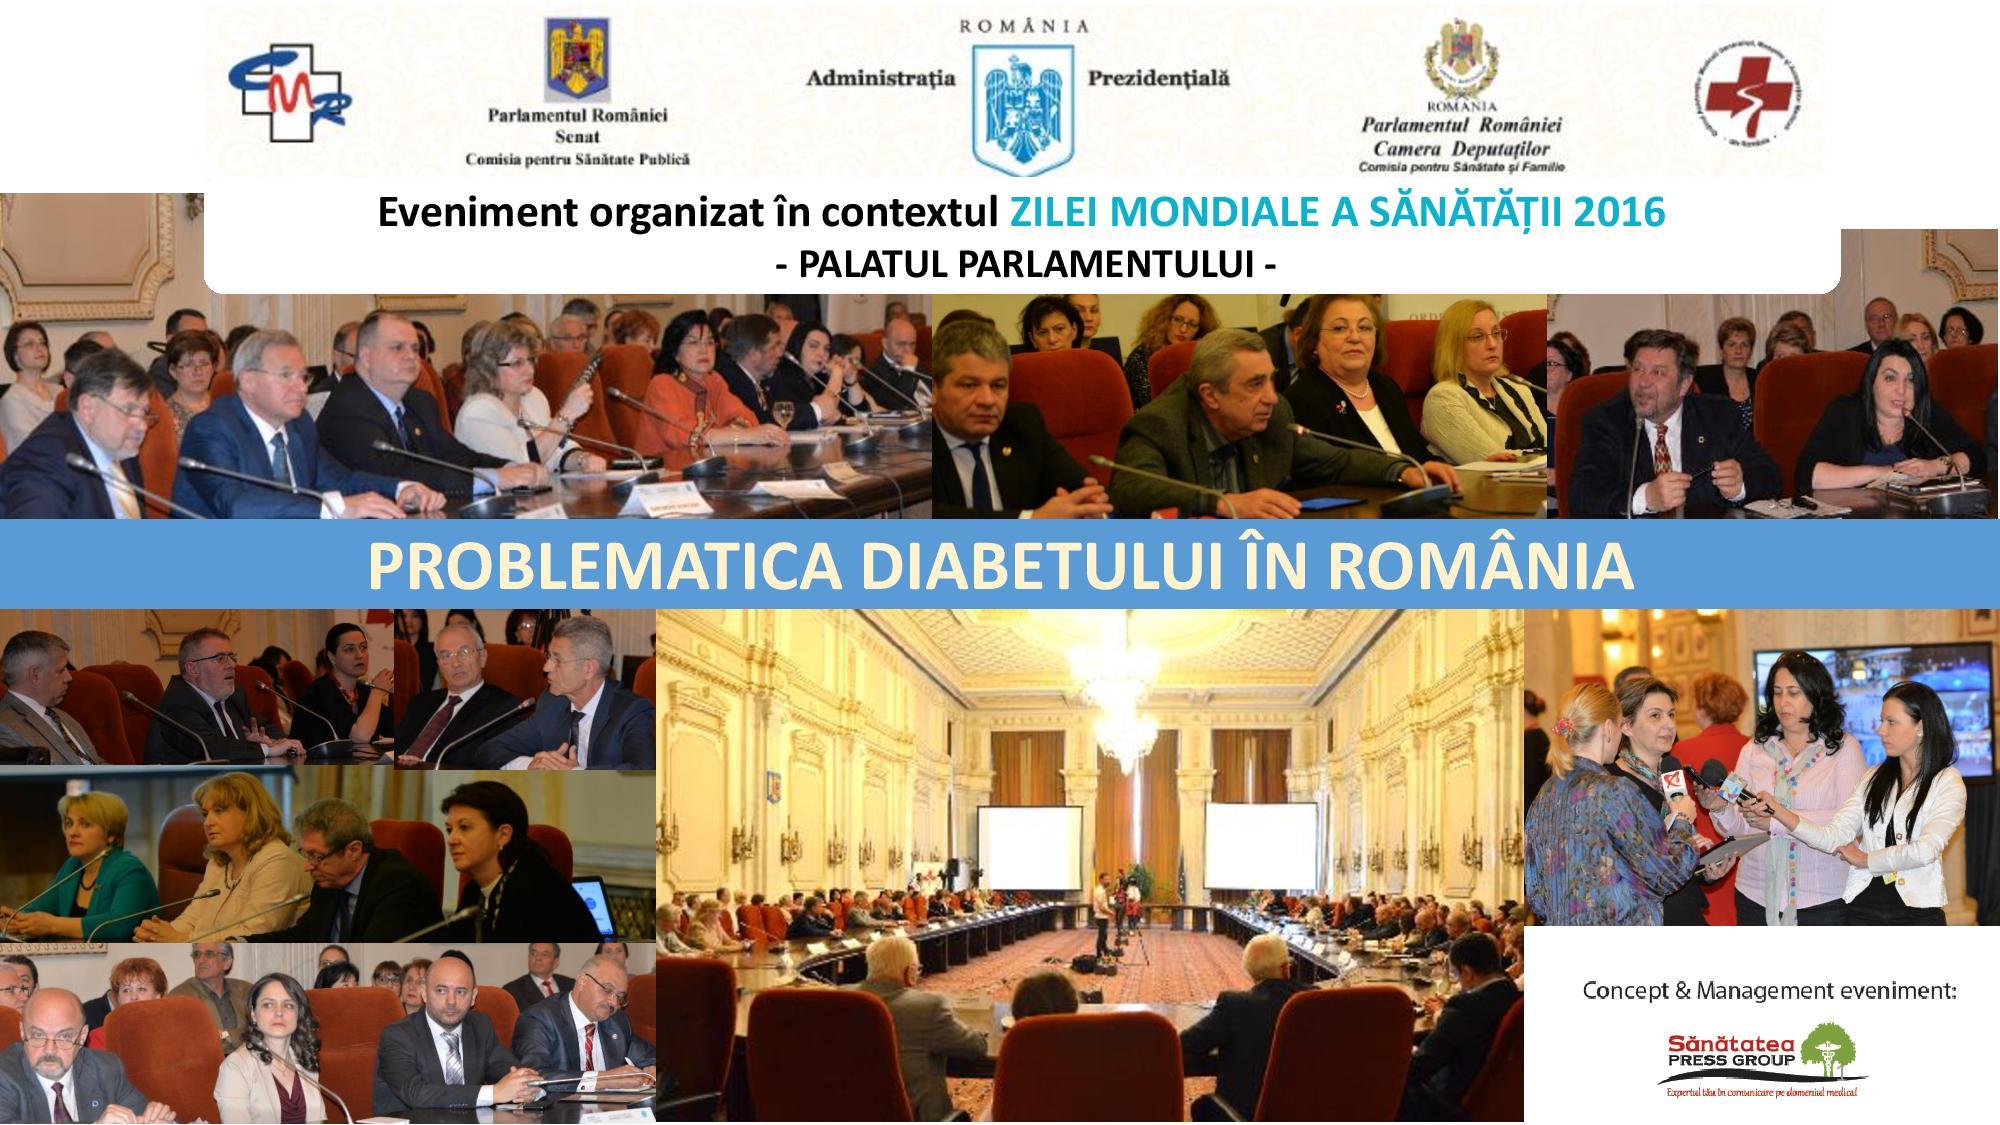 Problematica Diabetului in Romania 2016-page-001